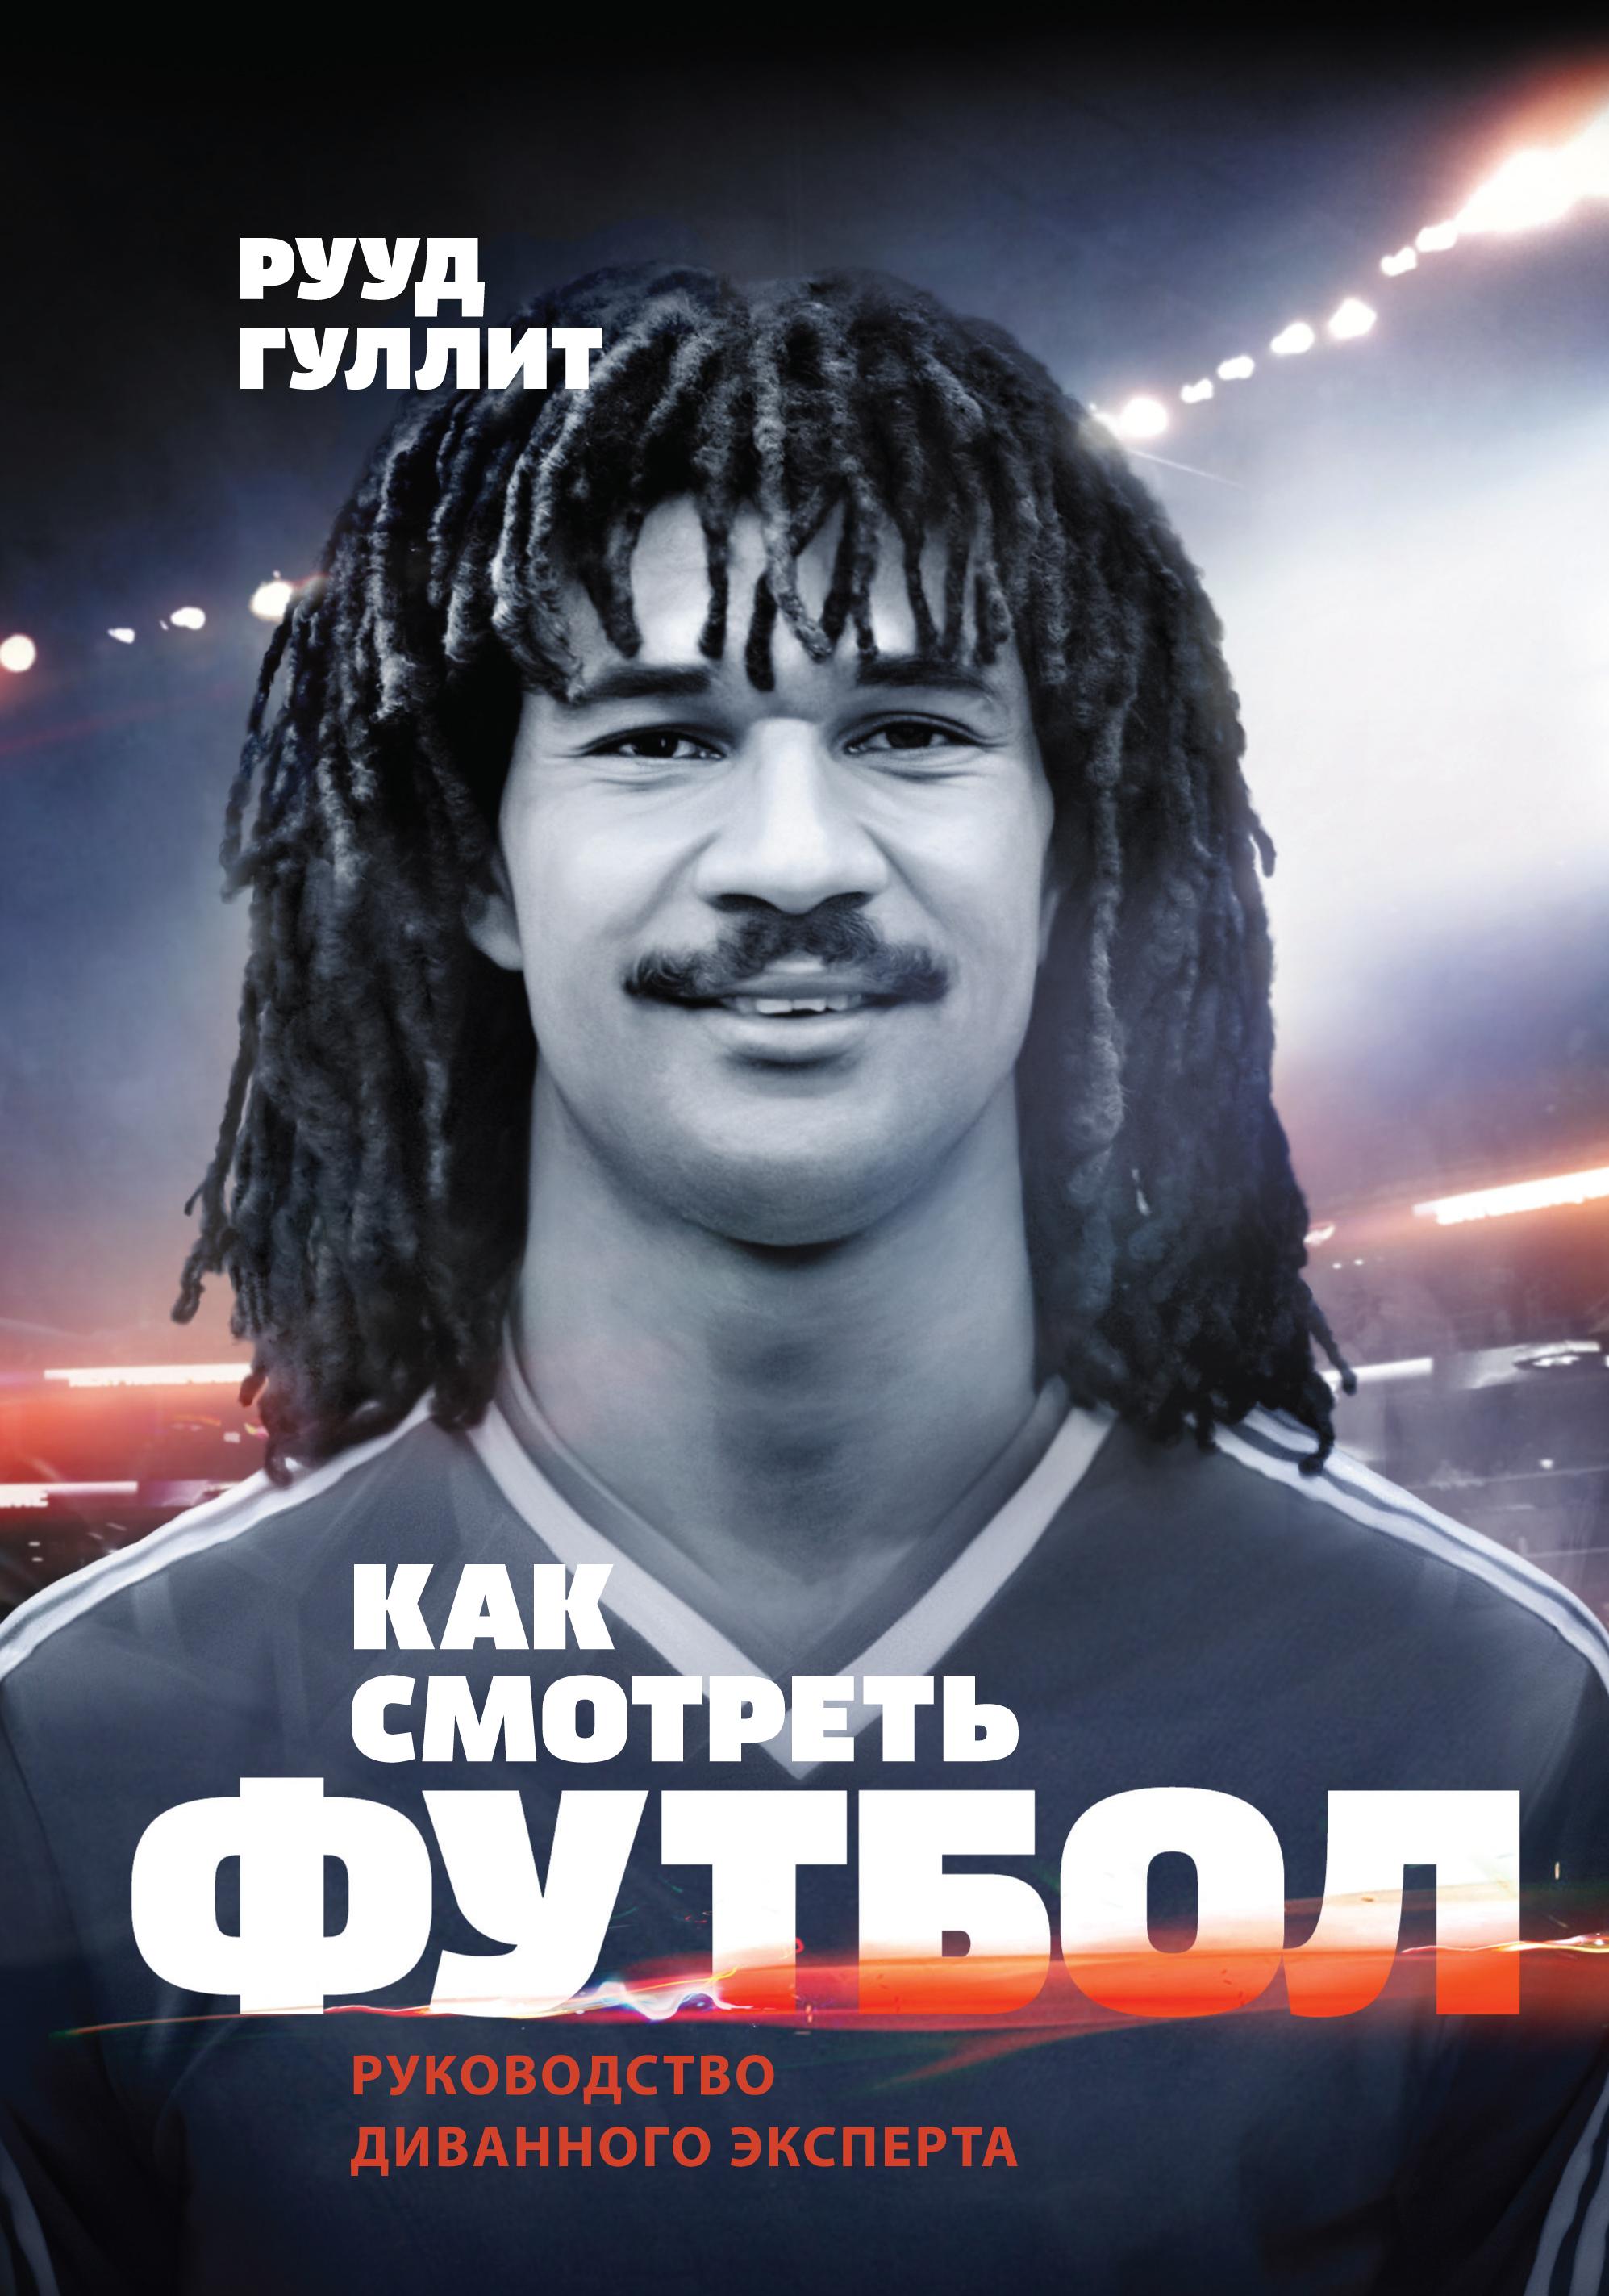 Как смотреть футбол. Руководство диванного эксперта от book24.ru